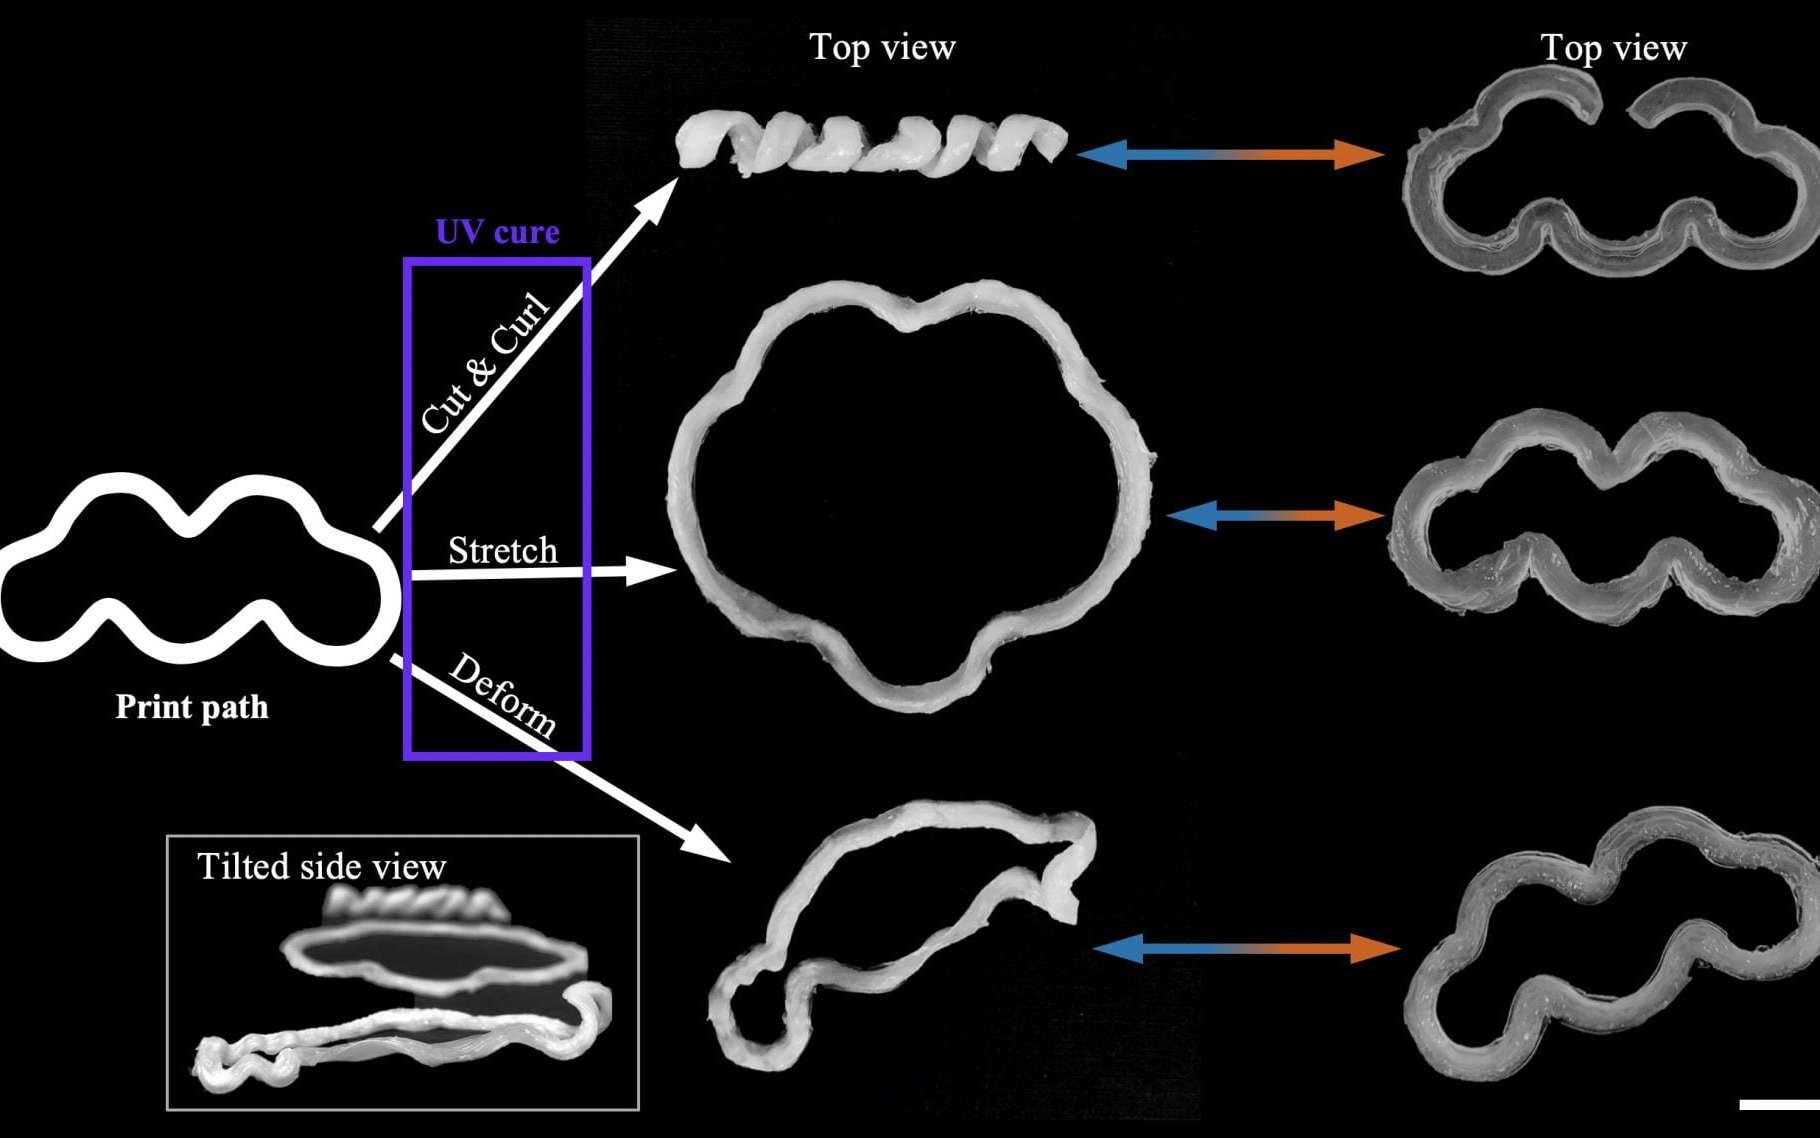 Une équipe de chercheurs a mis au point une technique pour imprimer en 3D des matériaux qui se déforment sous l'effet de la chaleur. © Université Rice